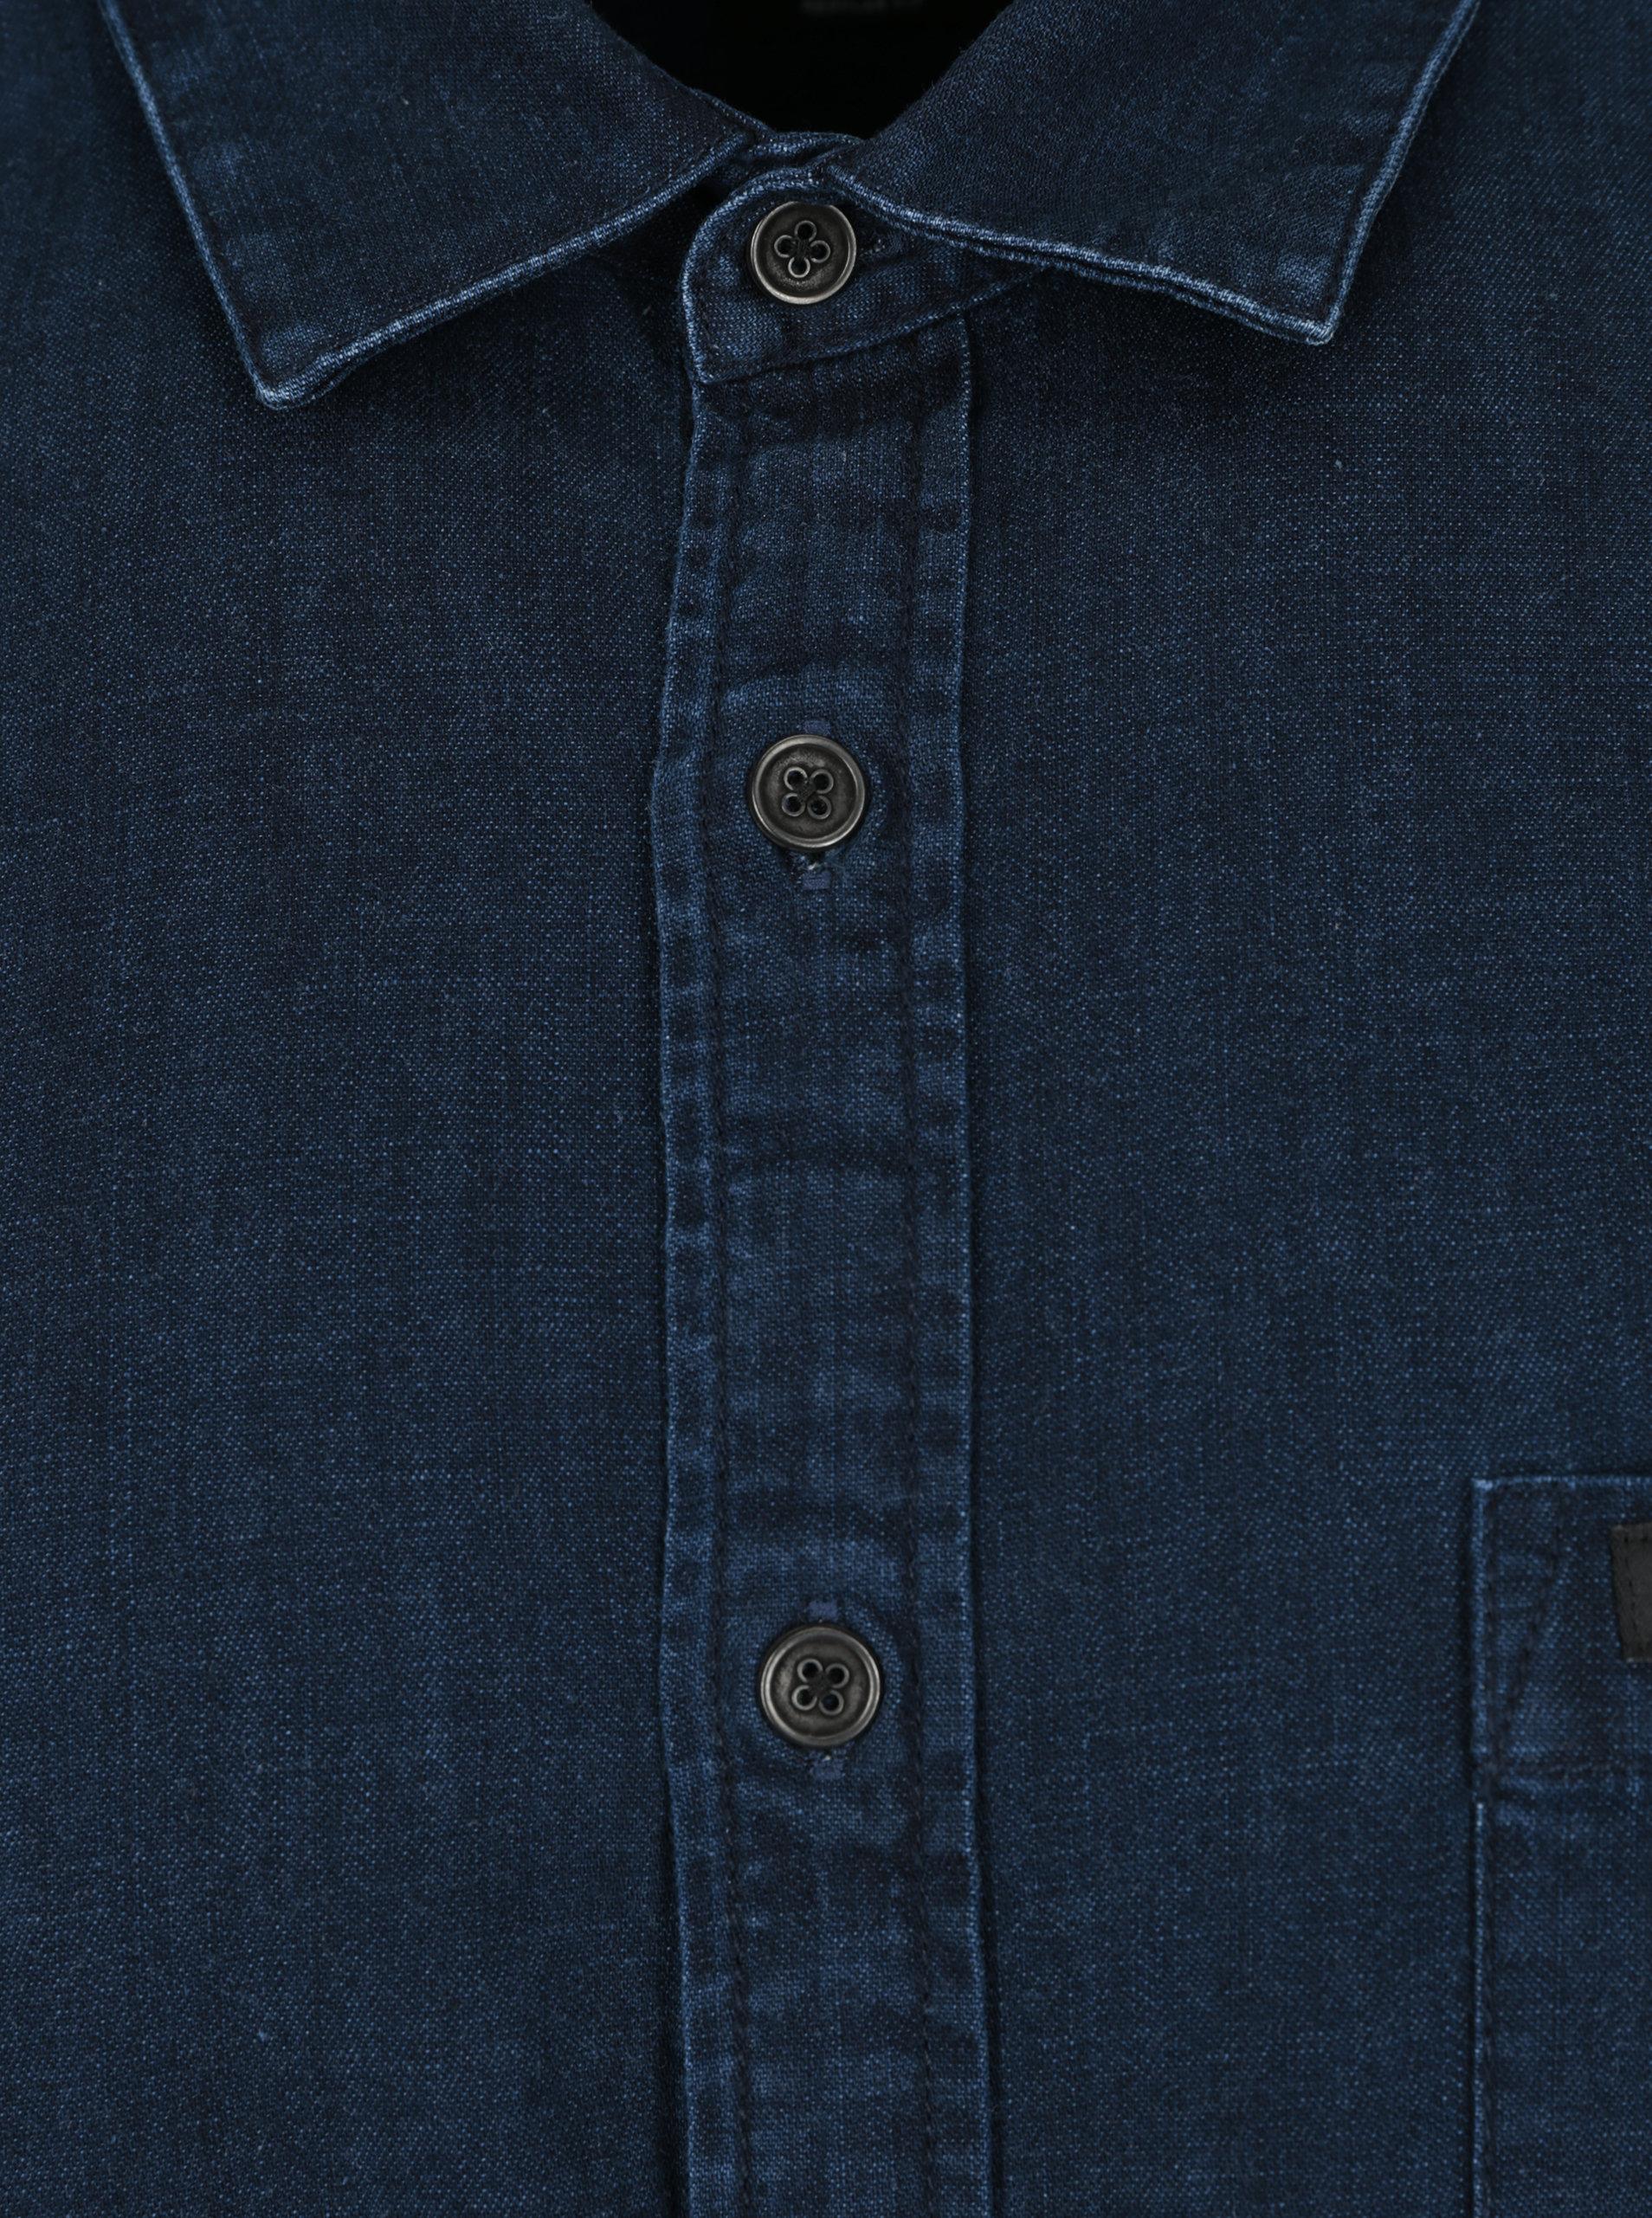 2a7f4f969a31 Tmavomodrá pánska rifľová košeľa s dlhým rukávom Makia Luoto ...